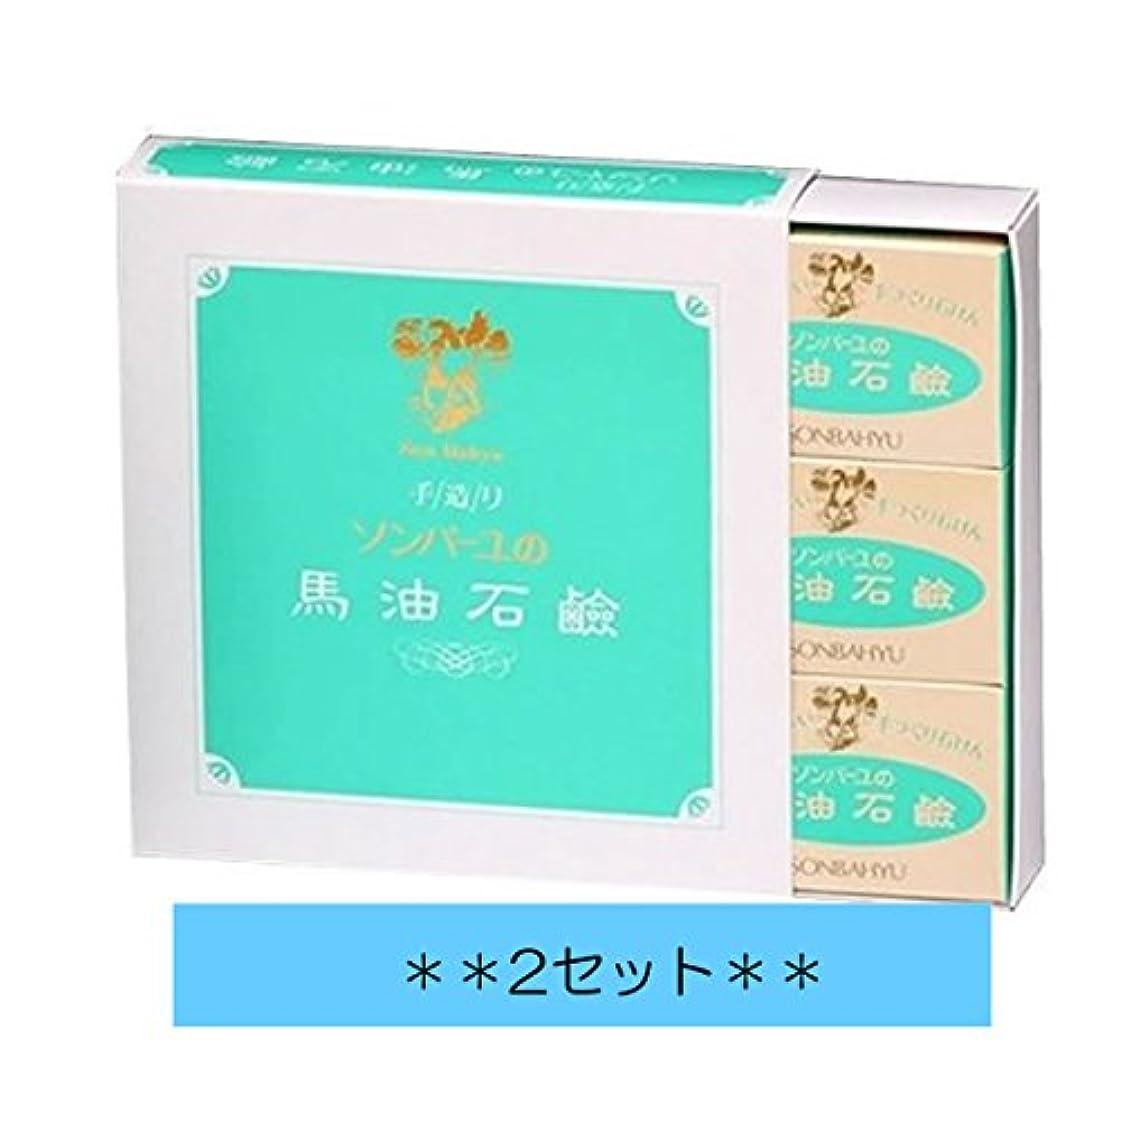 方向近代化する構成員【2箱セット】ソンバーユ石鹸 85g×6個